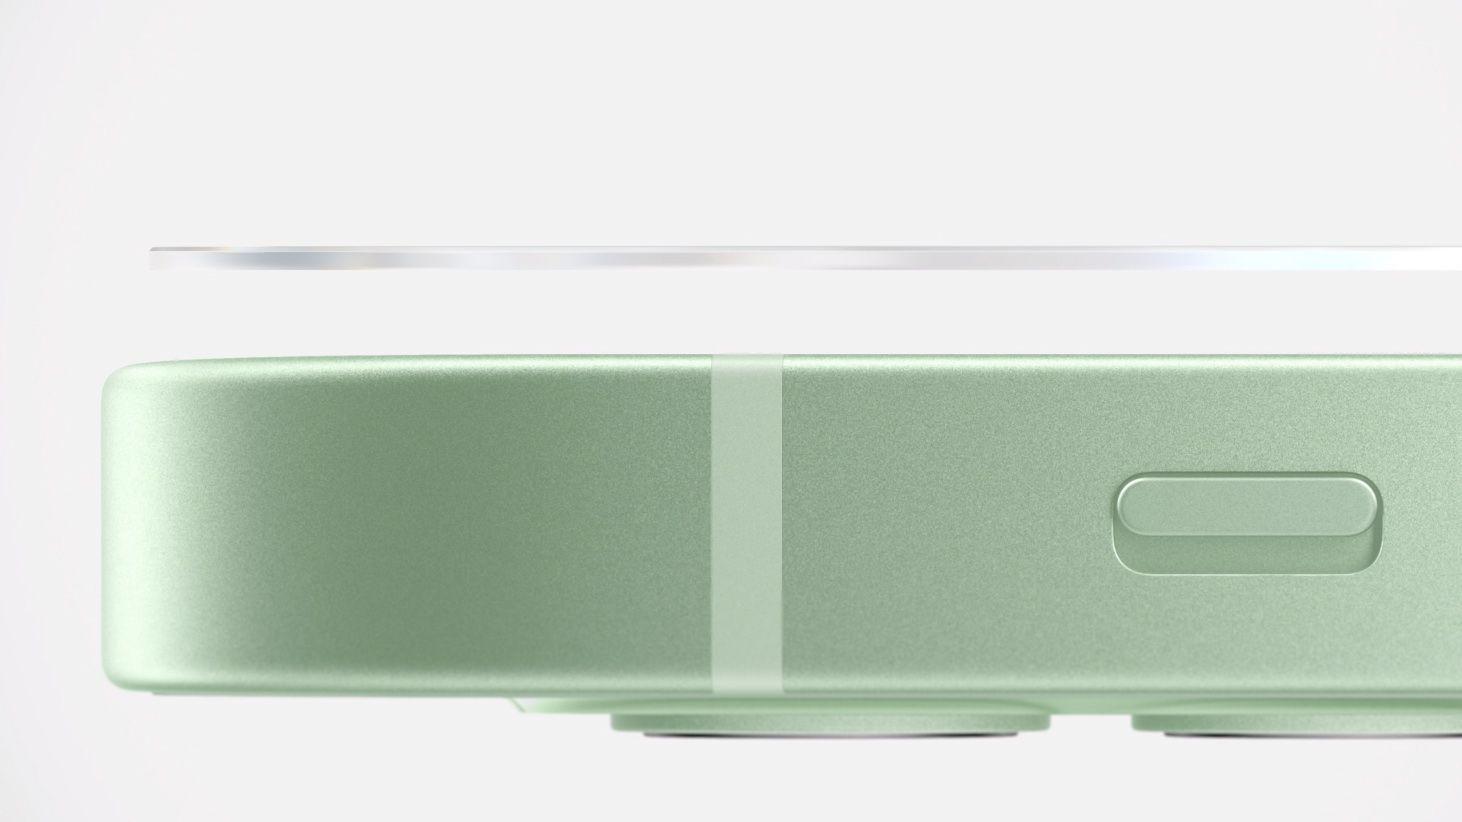 Apple har gått sammen med Corning og utviklet en ny glassteknologi de kaller Ceramic Shield. Den skal være fire ganger så motstandsdyktig mot fall. Legg også merke til den lekre nye grønnfargen.